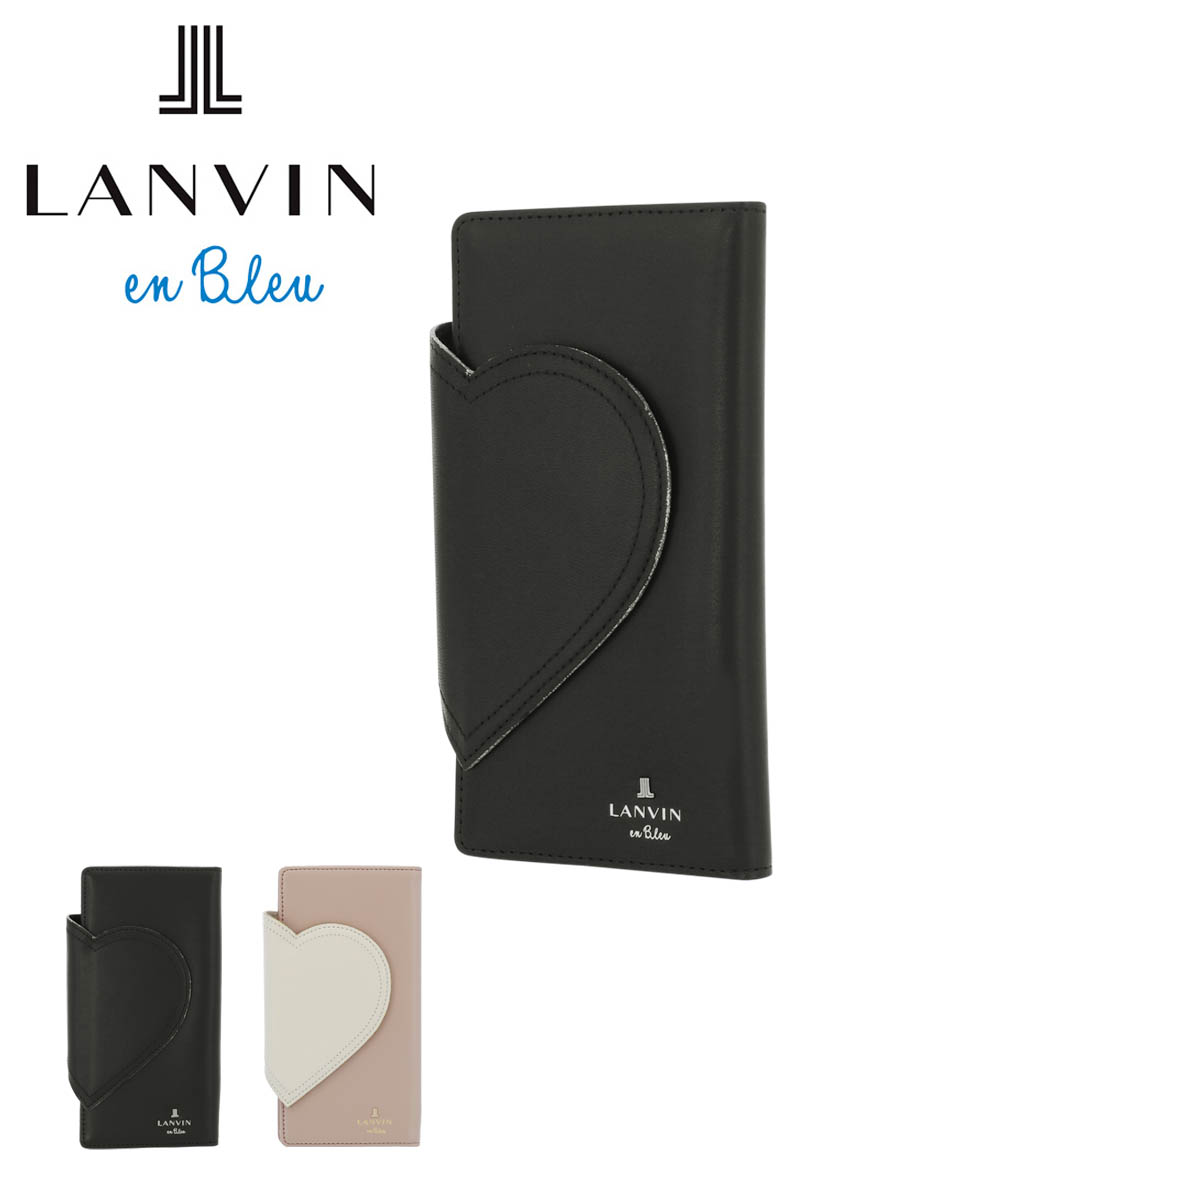 ランバンオンブルー スマホケース ジェーン 手帳型 全機種対応 レディース 482801 LANVIN en Bleu | カード収納 ミラー付き 牛革 本革[PO10][bef][即日発送][母の日]